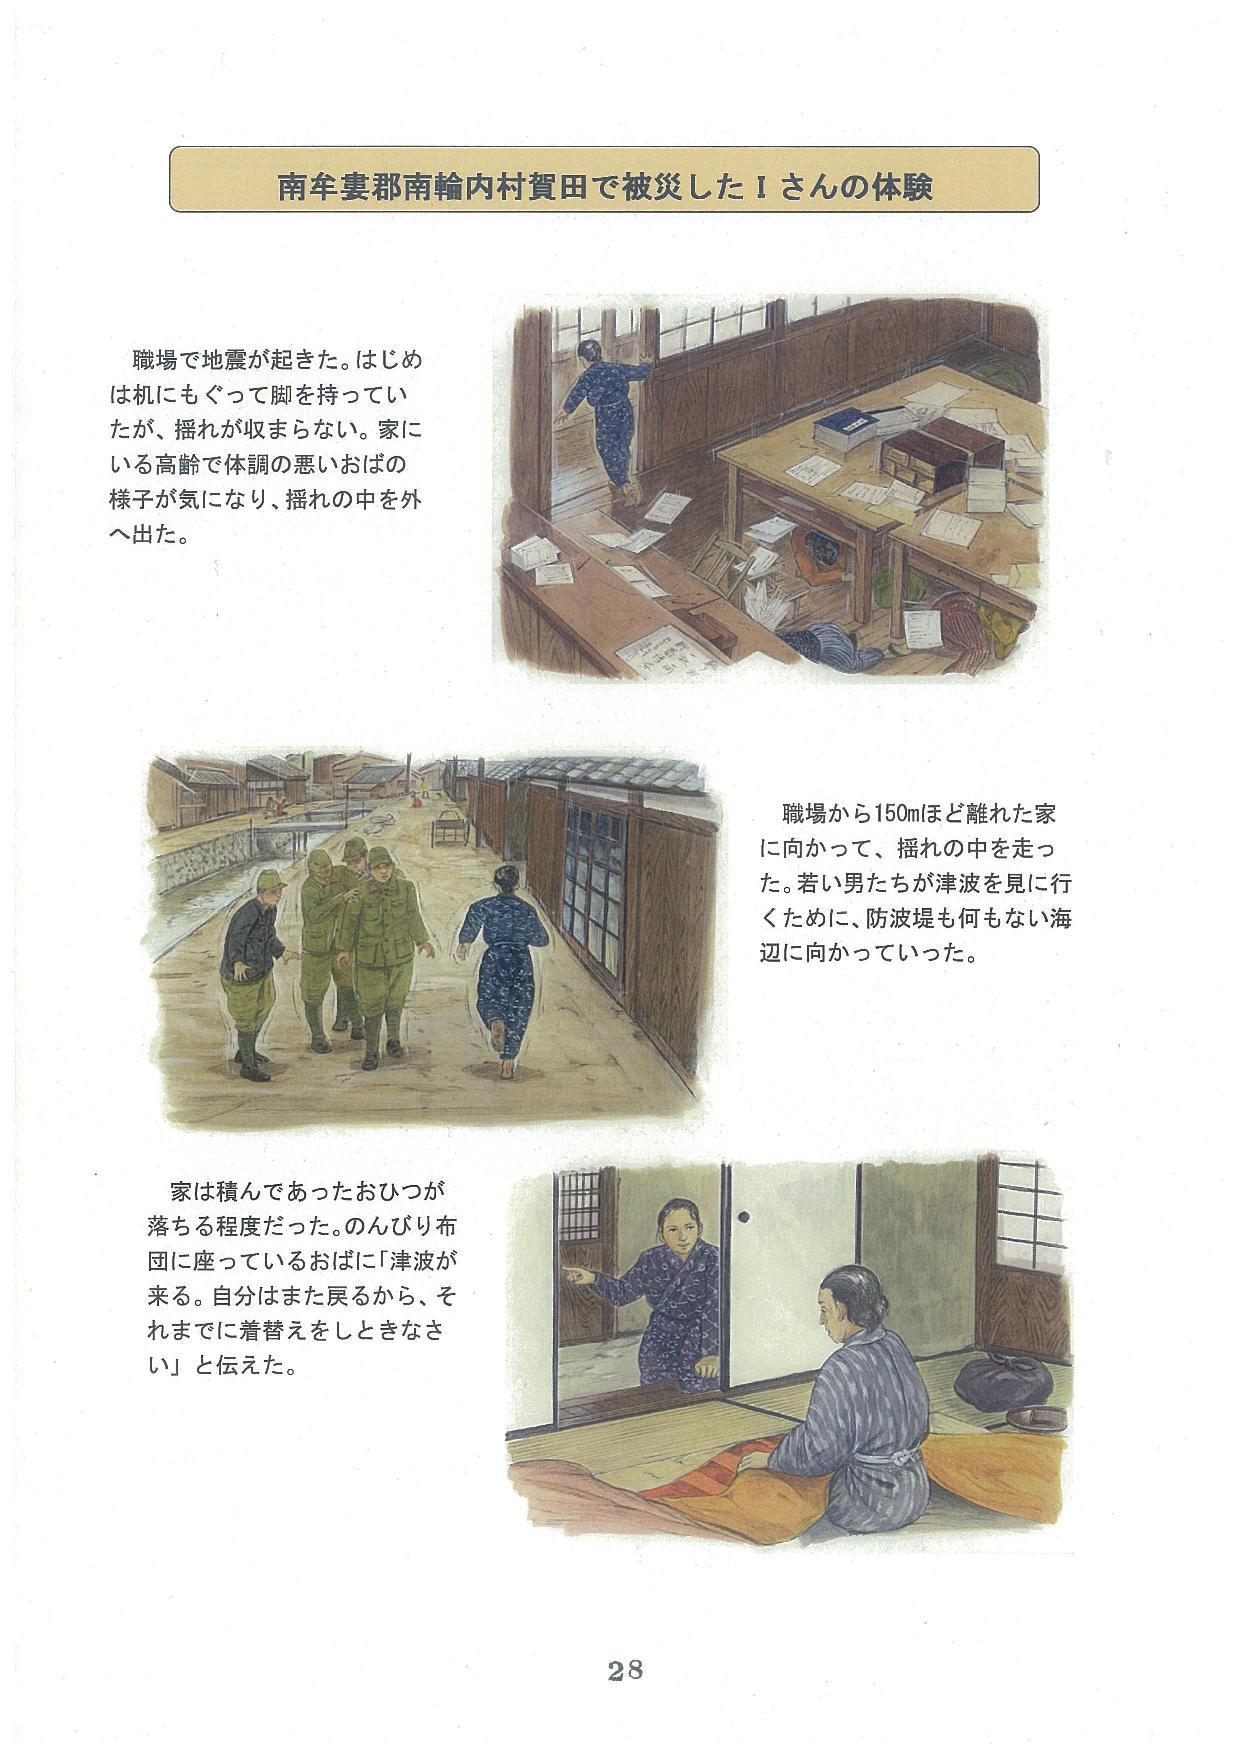 20171208-02_ページ_28